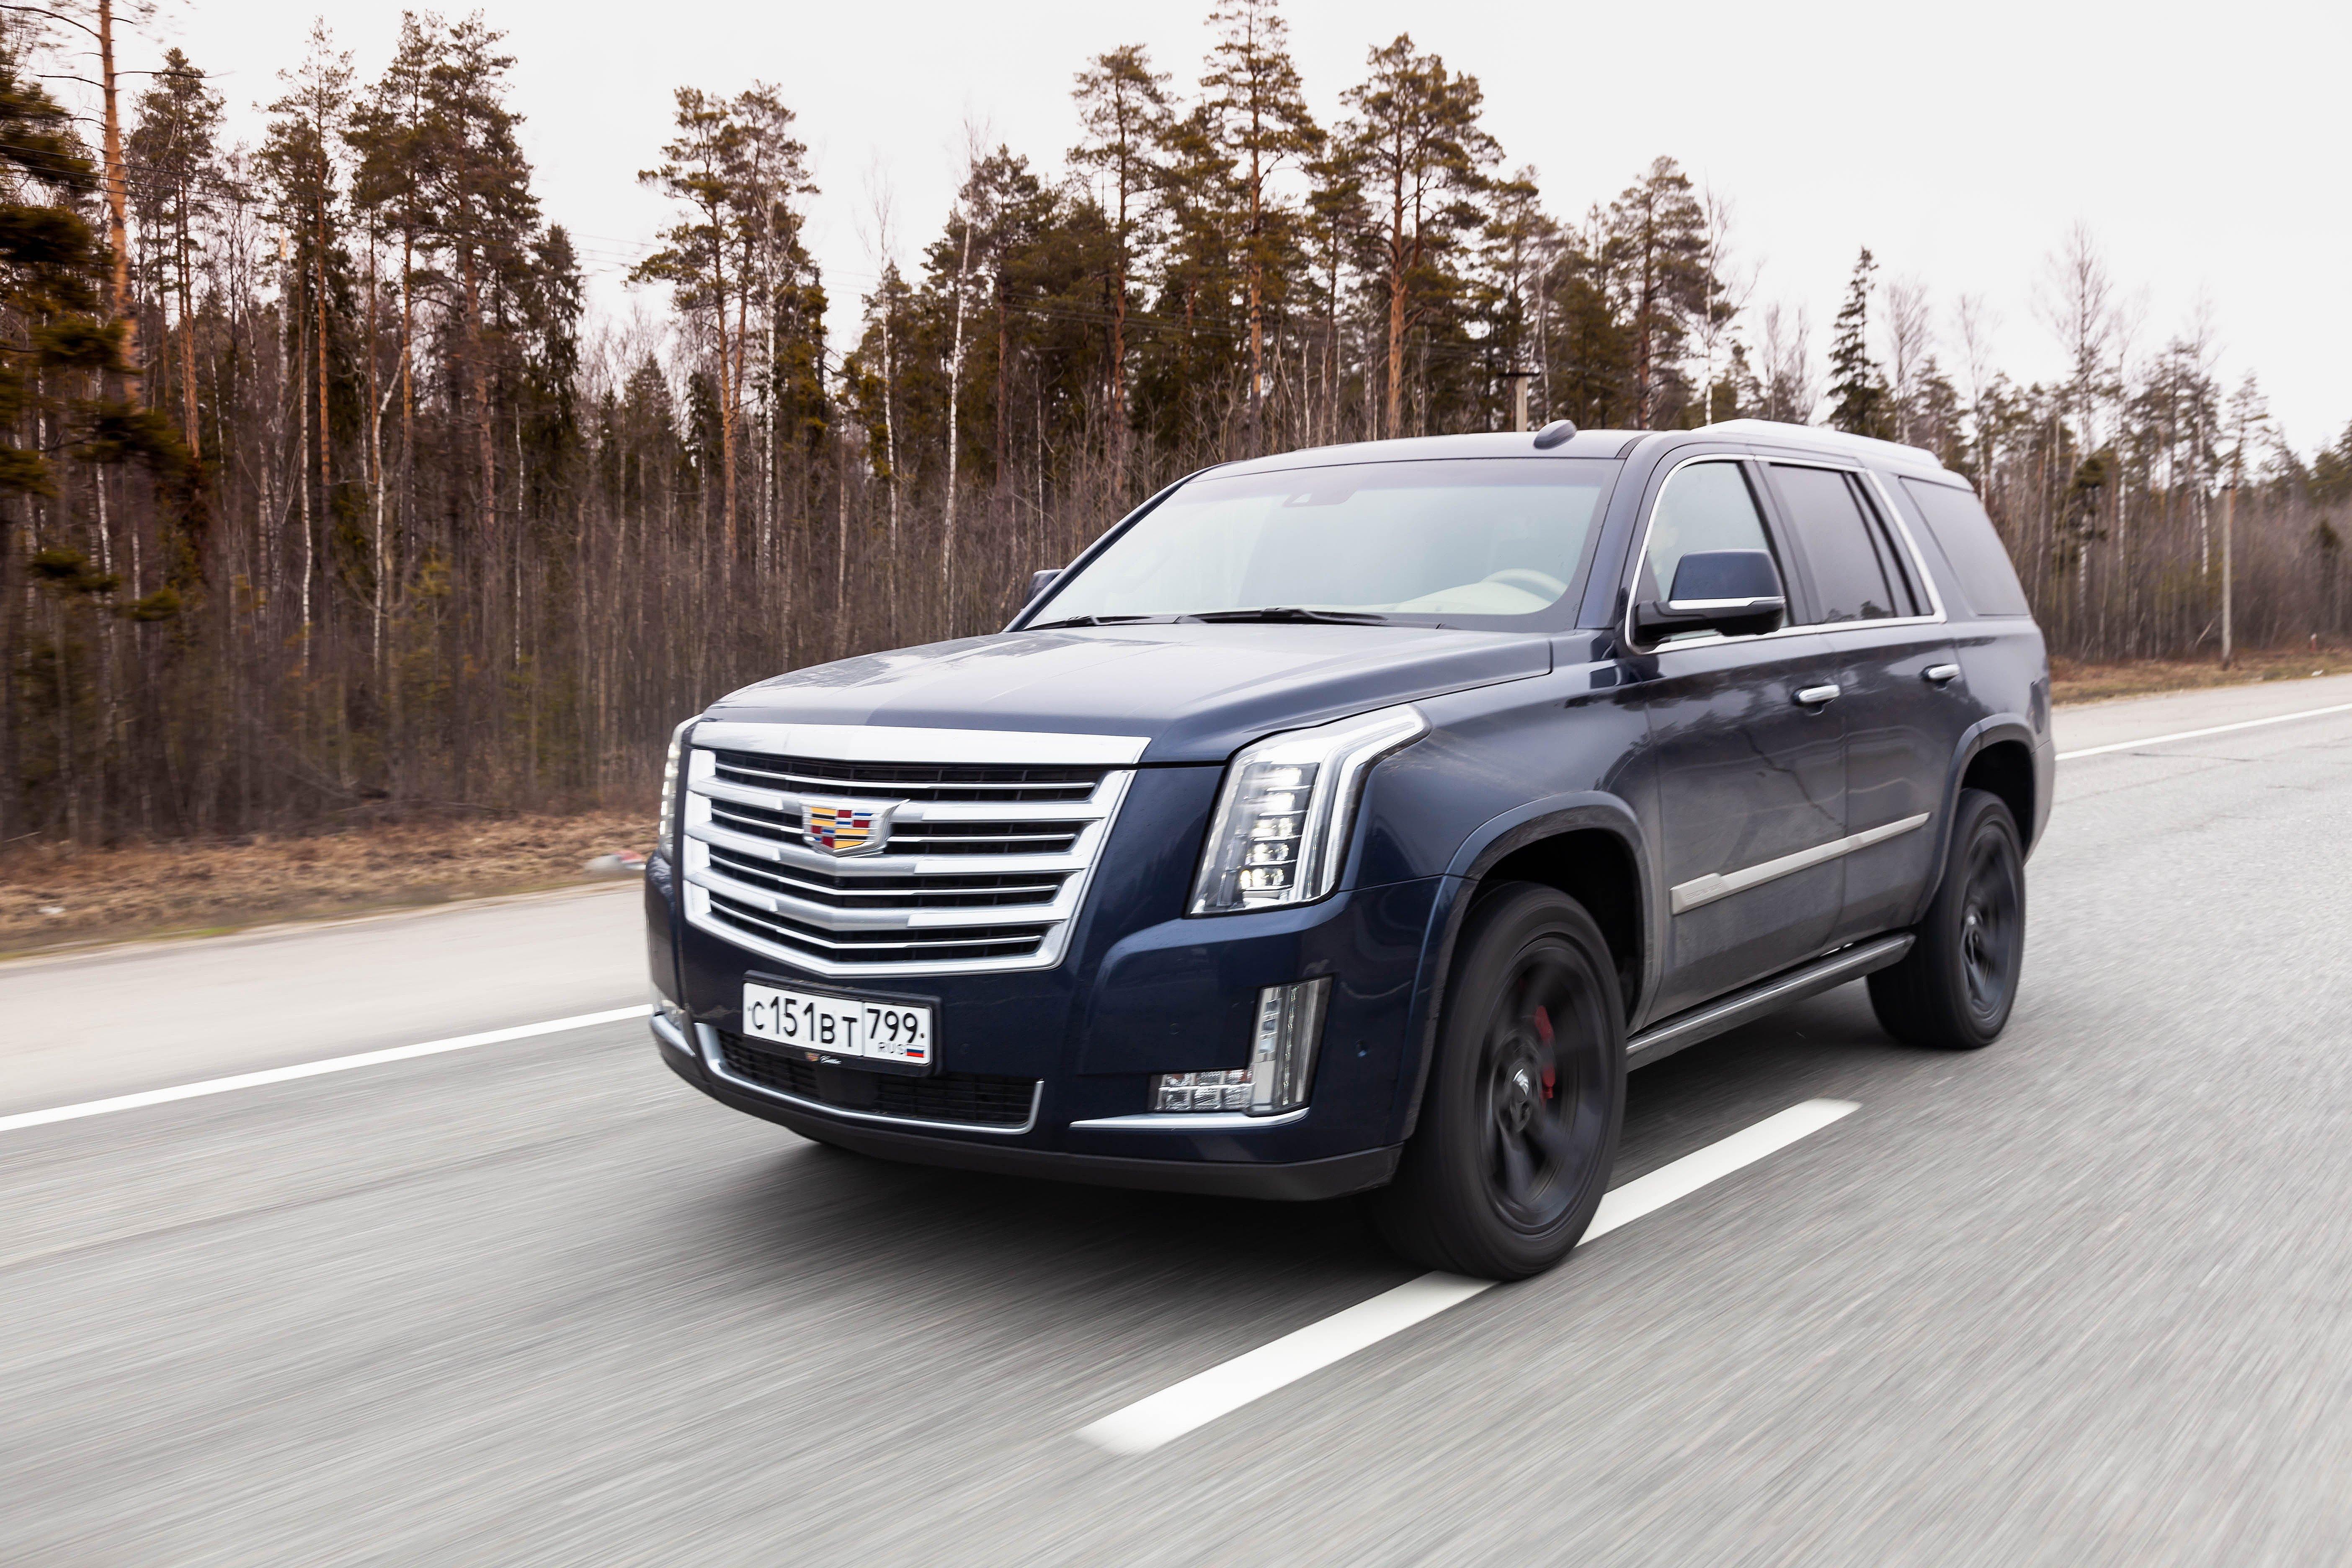 В России Cadillac и Chevrolet снизили цены